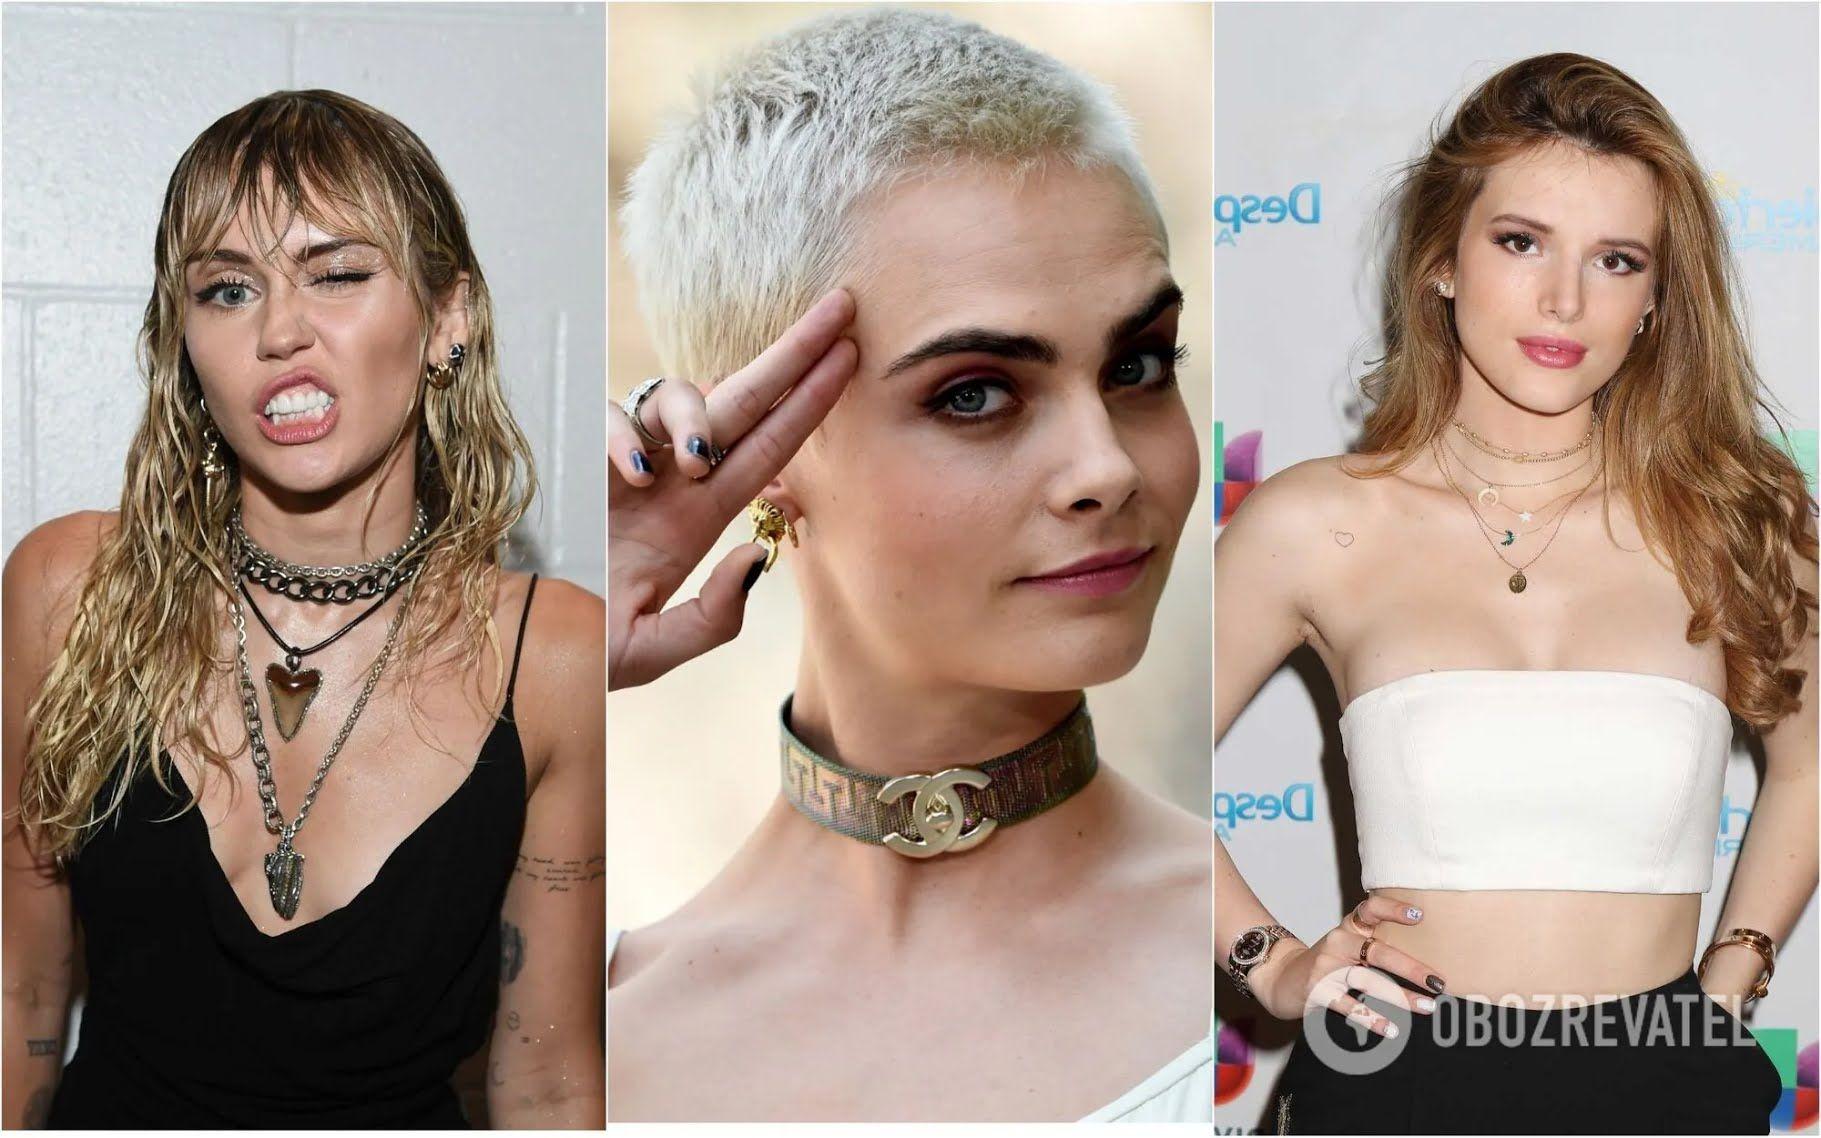 Кара Делевинь, Майли Сайрус и Белла Торн объявили, что они пансексуалки.